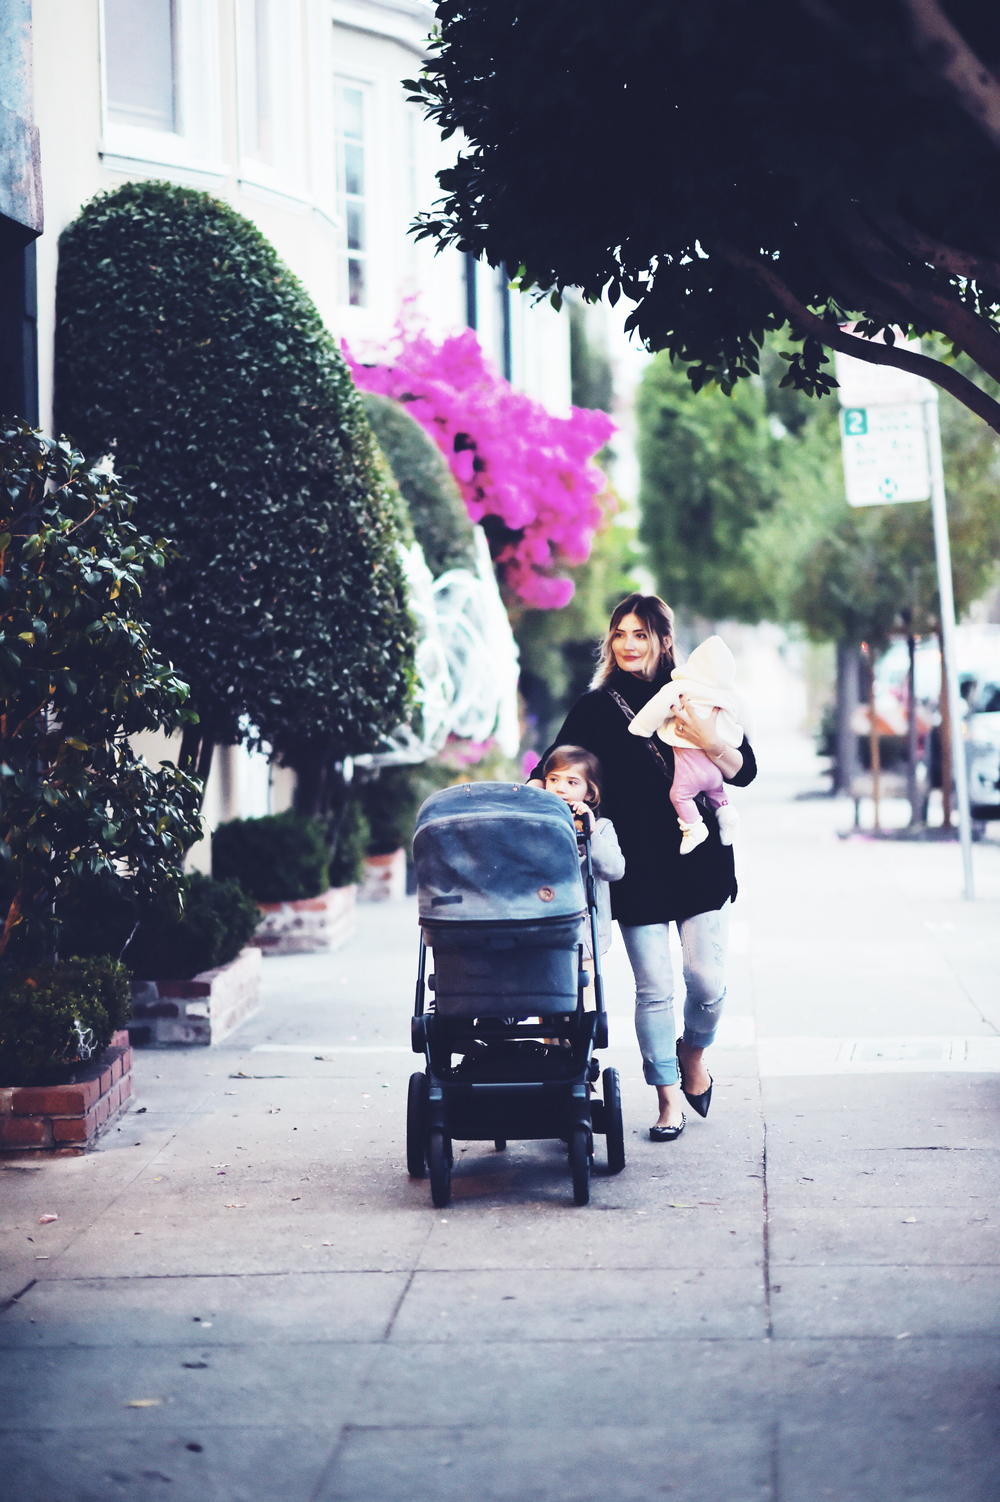 stroller8.jpg